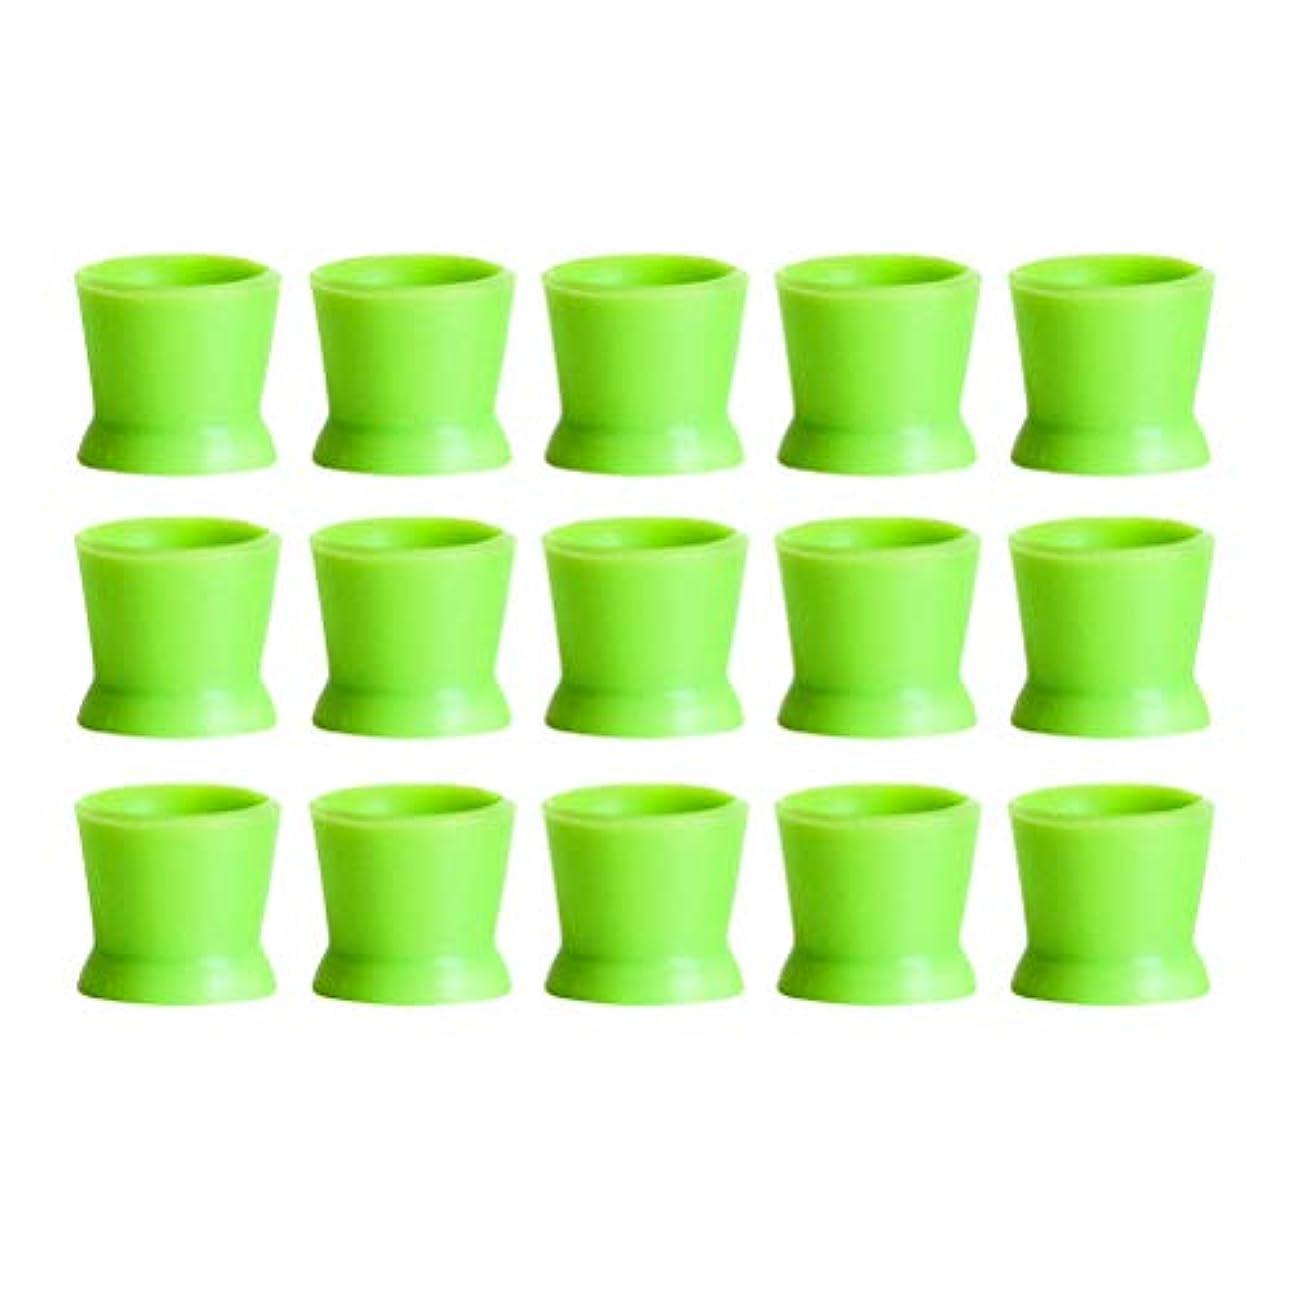 またはどちらか豚メイトHealifty 300PCSシリコンタトゥーインクカップ使い捨てマイクロブレーディングピグメントキャップホルダーコンテナ永久的なまつげメイクアップアイブロー(グリーン)